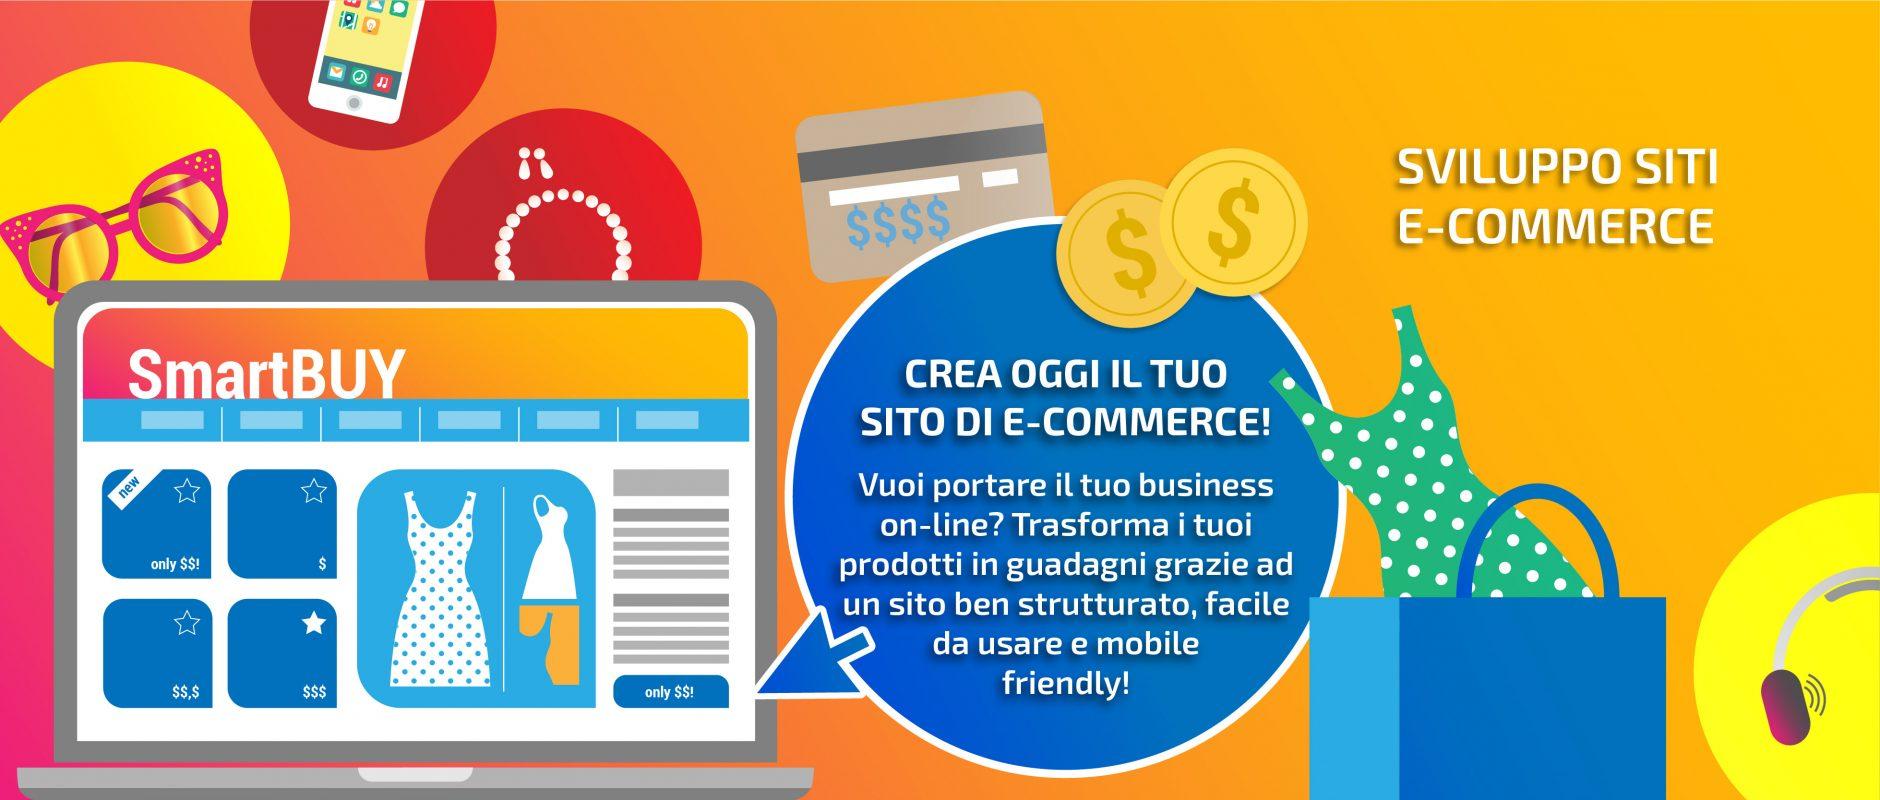 SVILUPPO SITI E-COMMERCE by TC-WEB